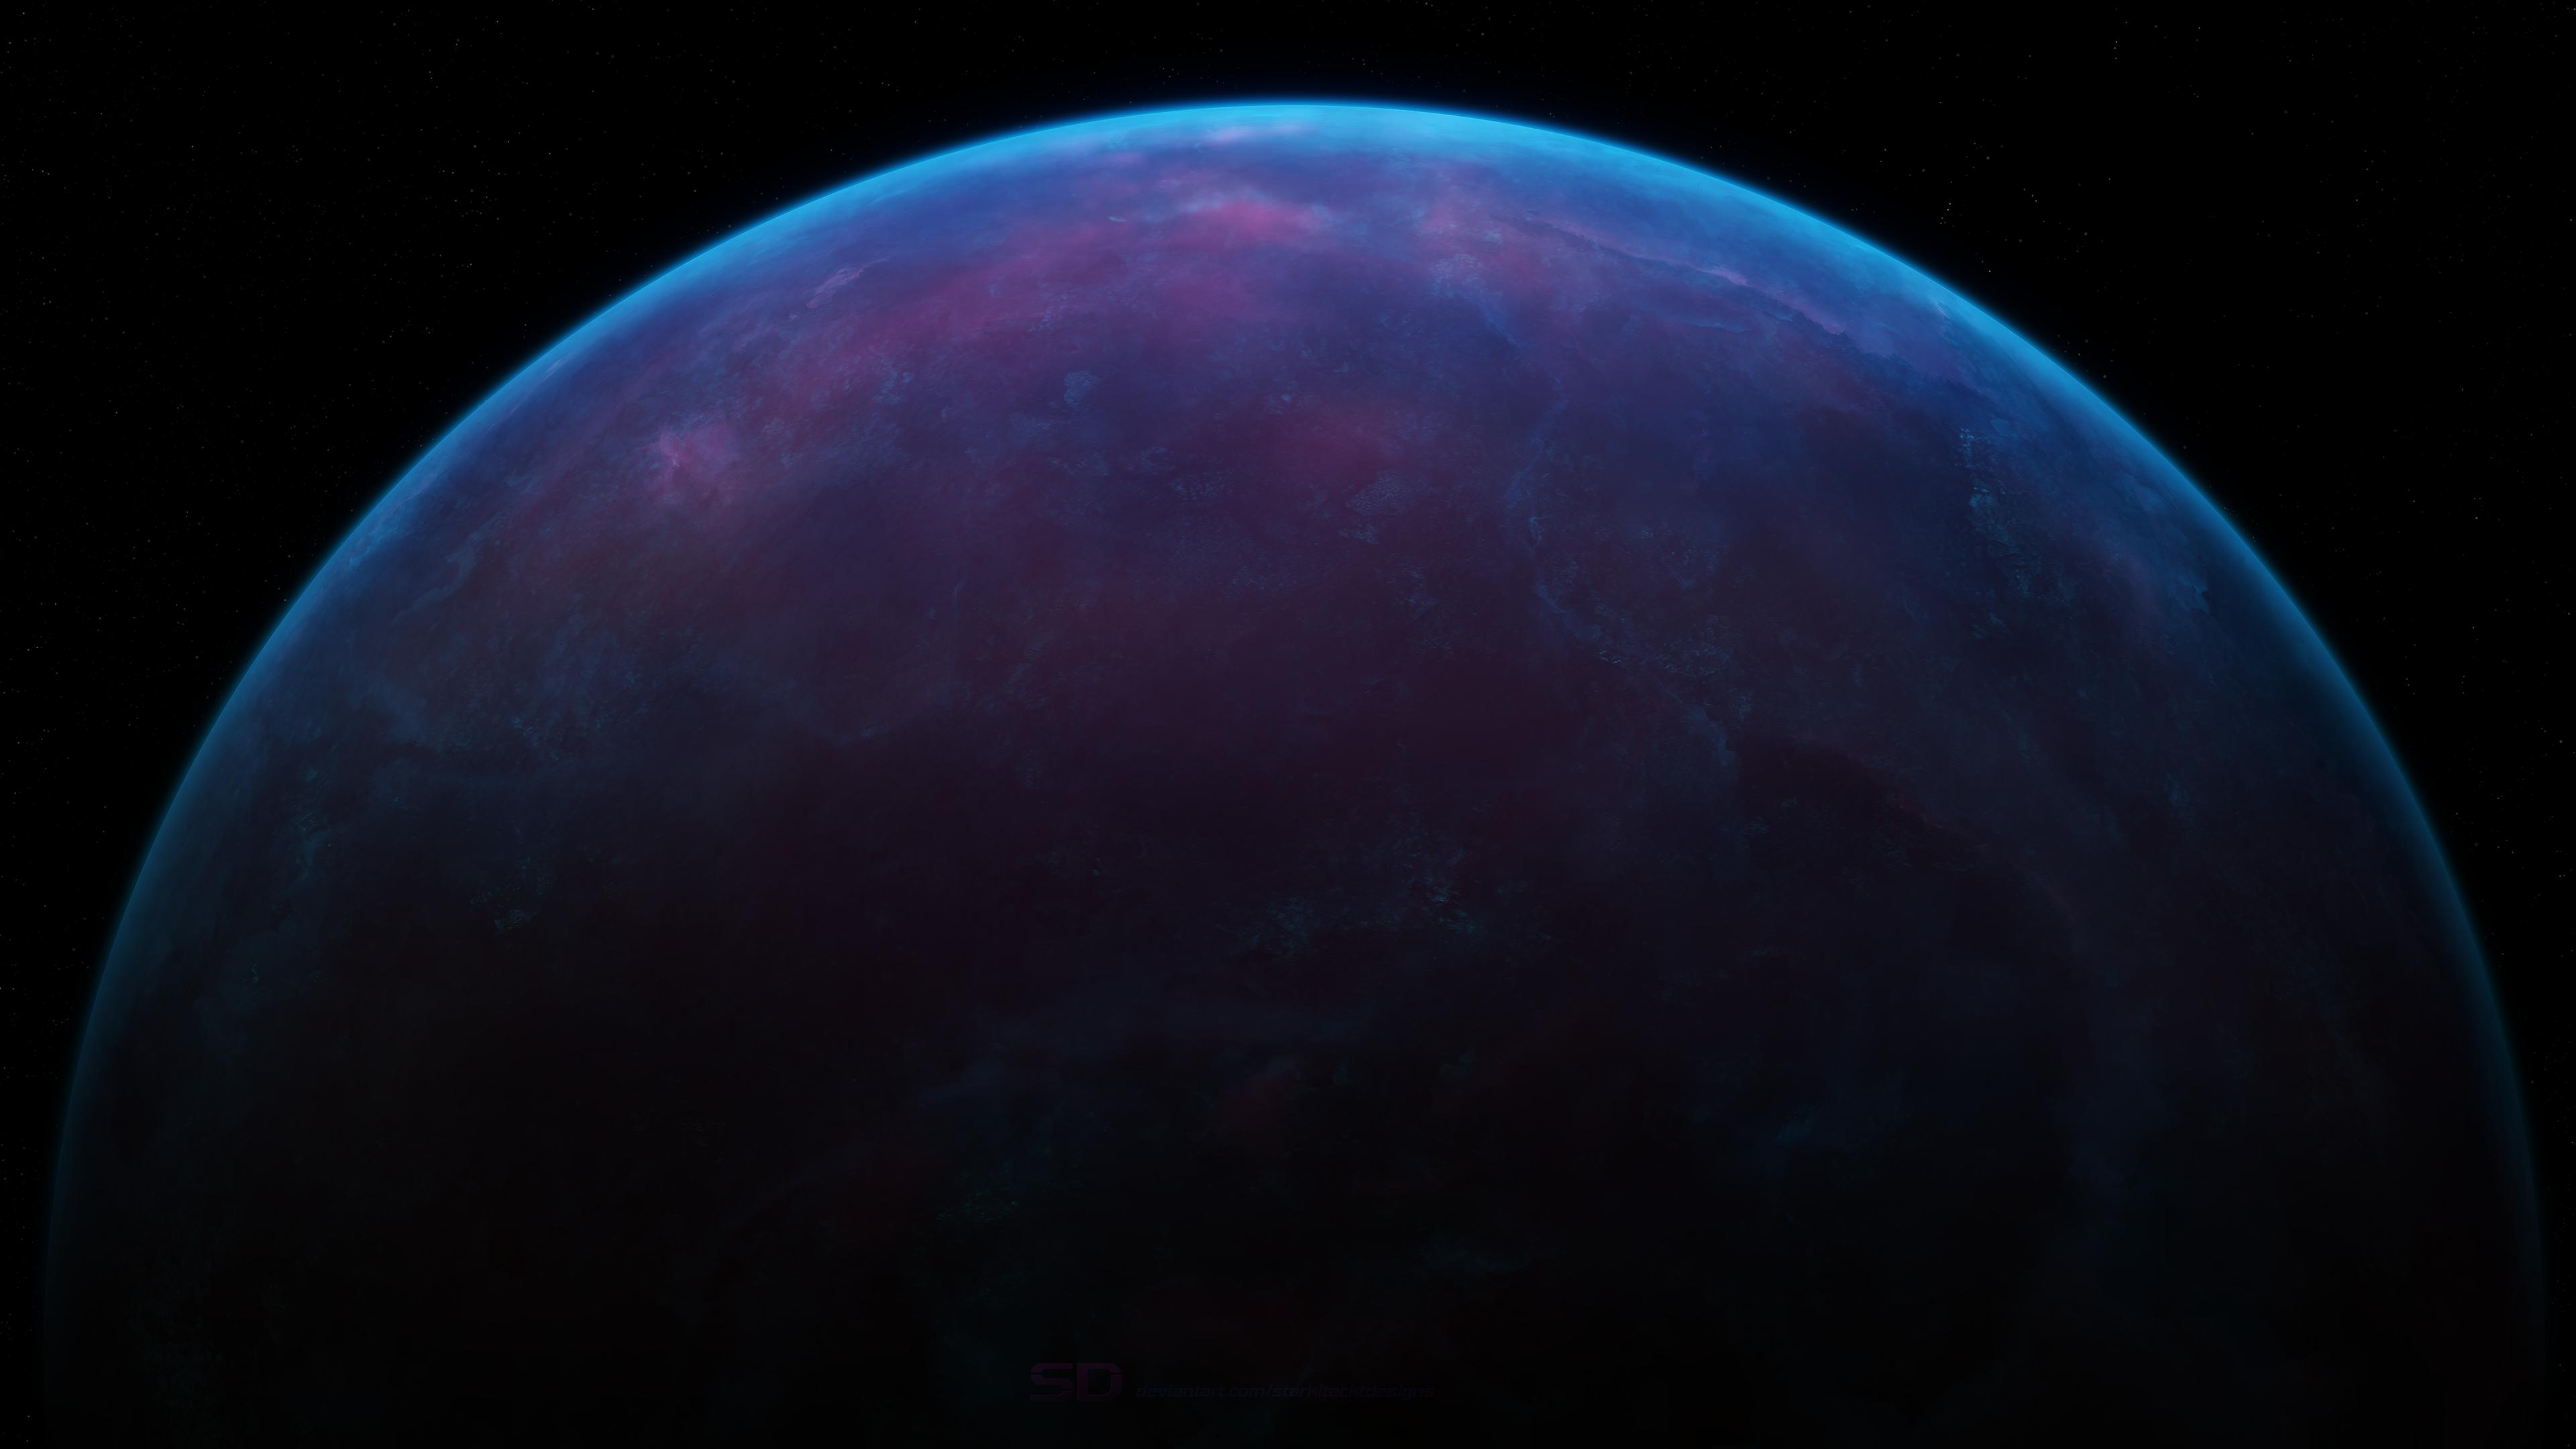 General 3840x2160 Starkiteckt space blue space art planet digital art